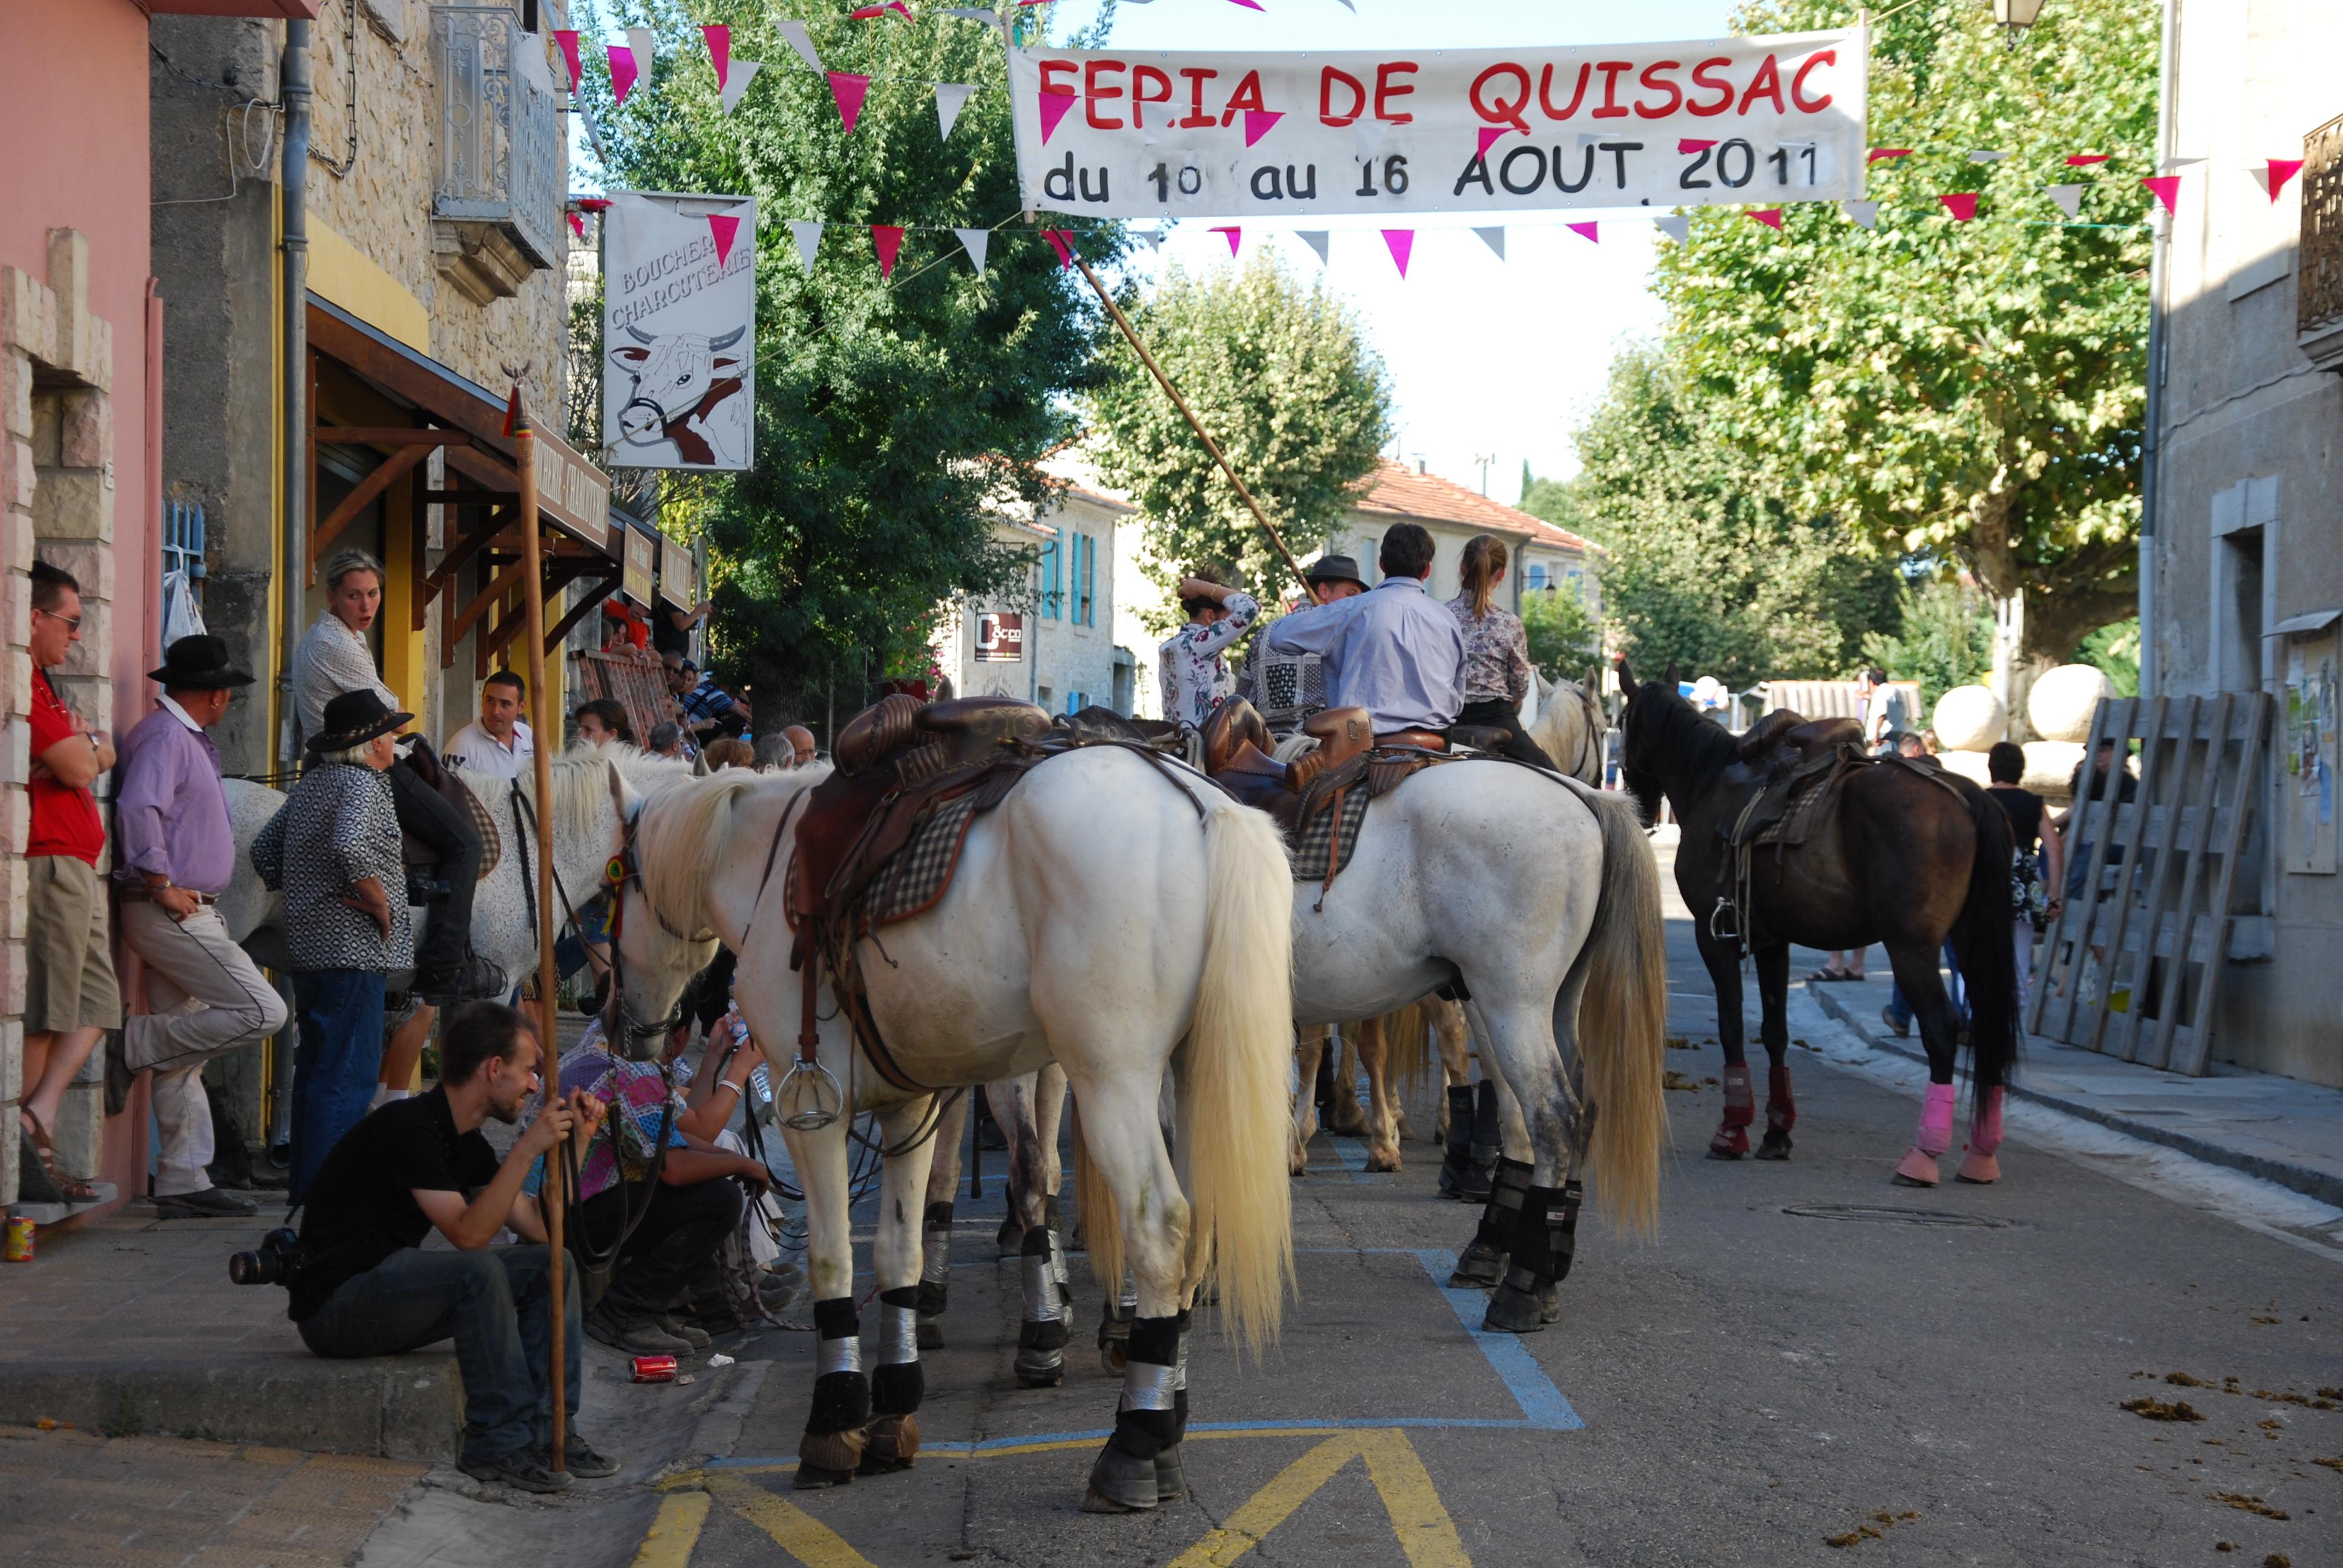 Quissac Feria